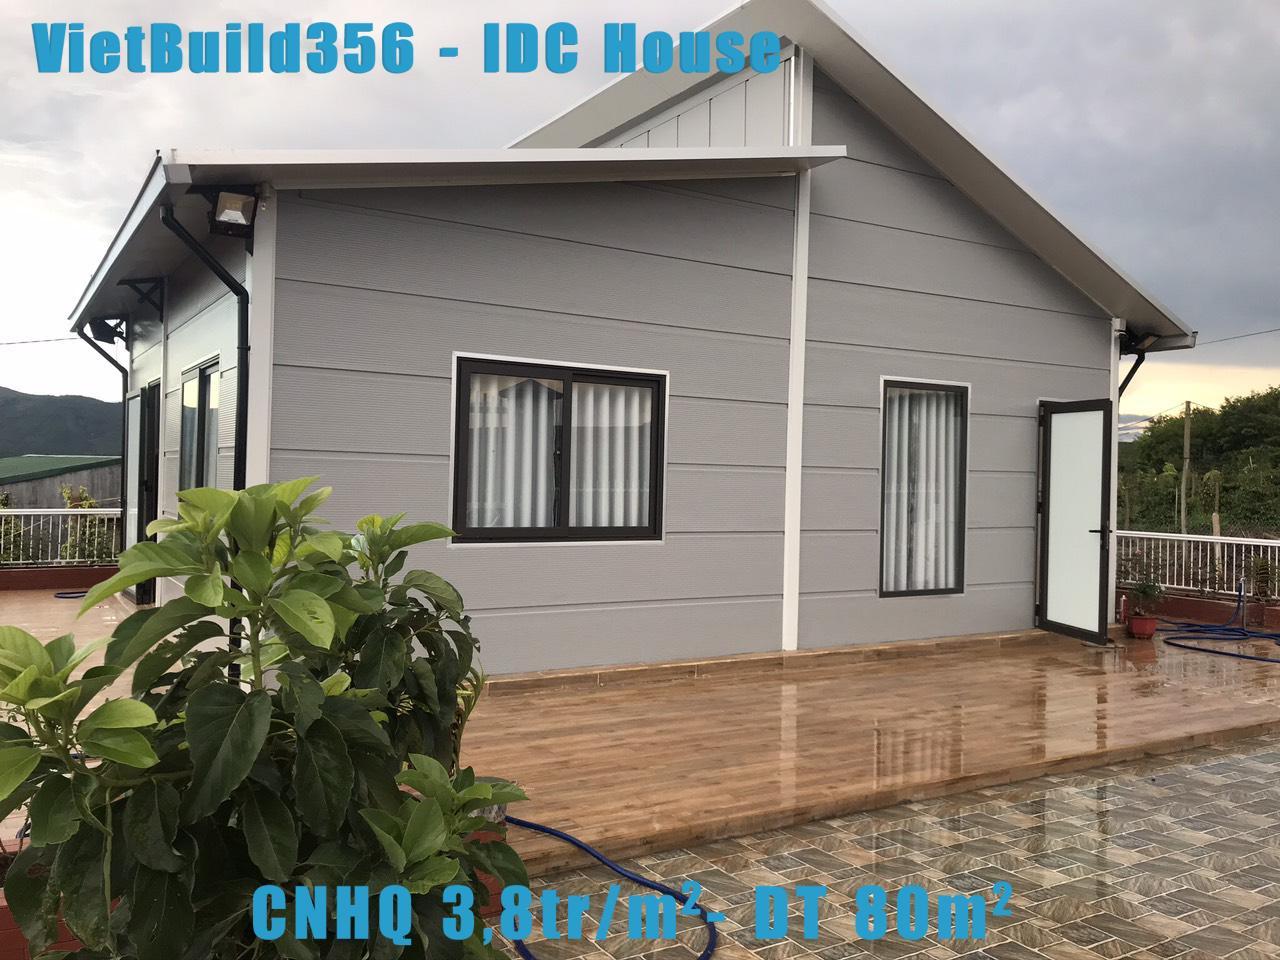 Nhà lắp ghép CNHQ giá 3.8tr/m2